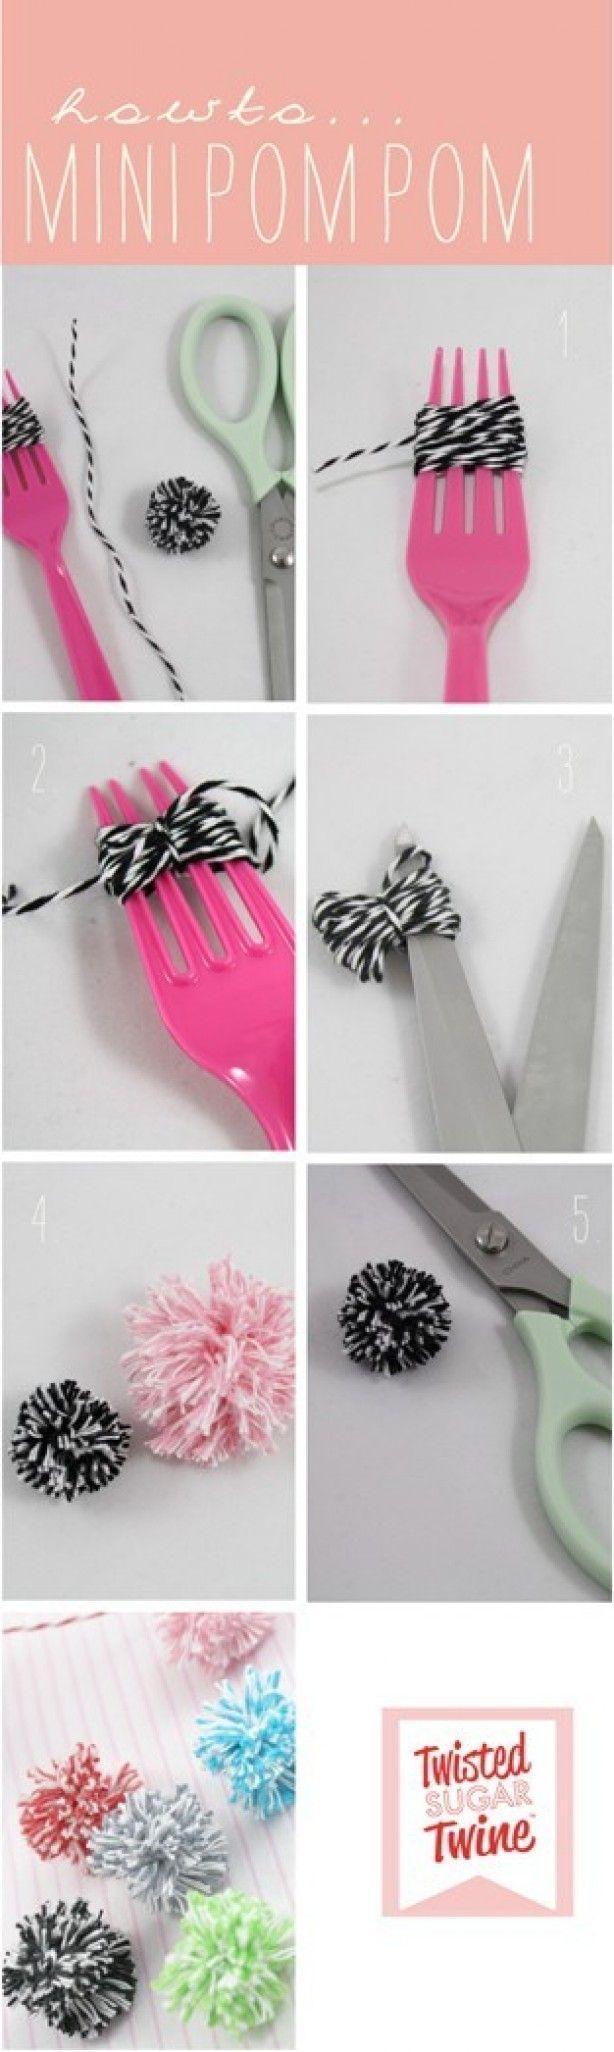 Handige manier om ponpons te maken voor bv op een cadeautje: